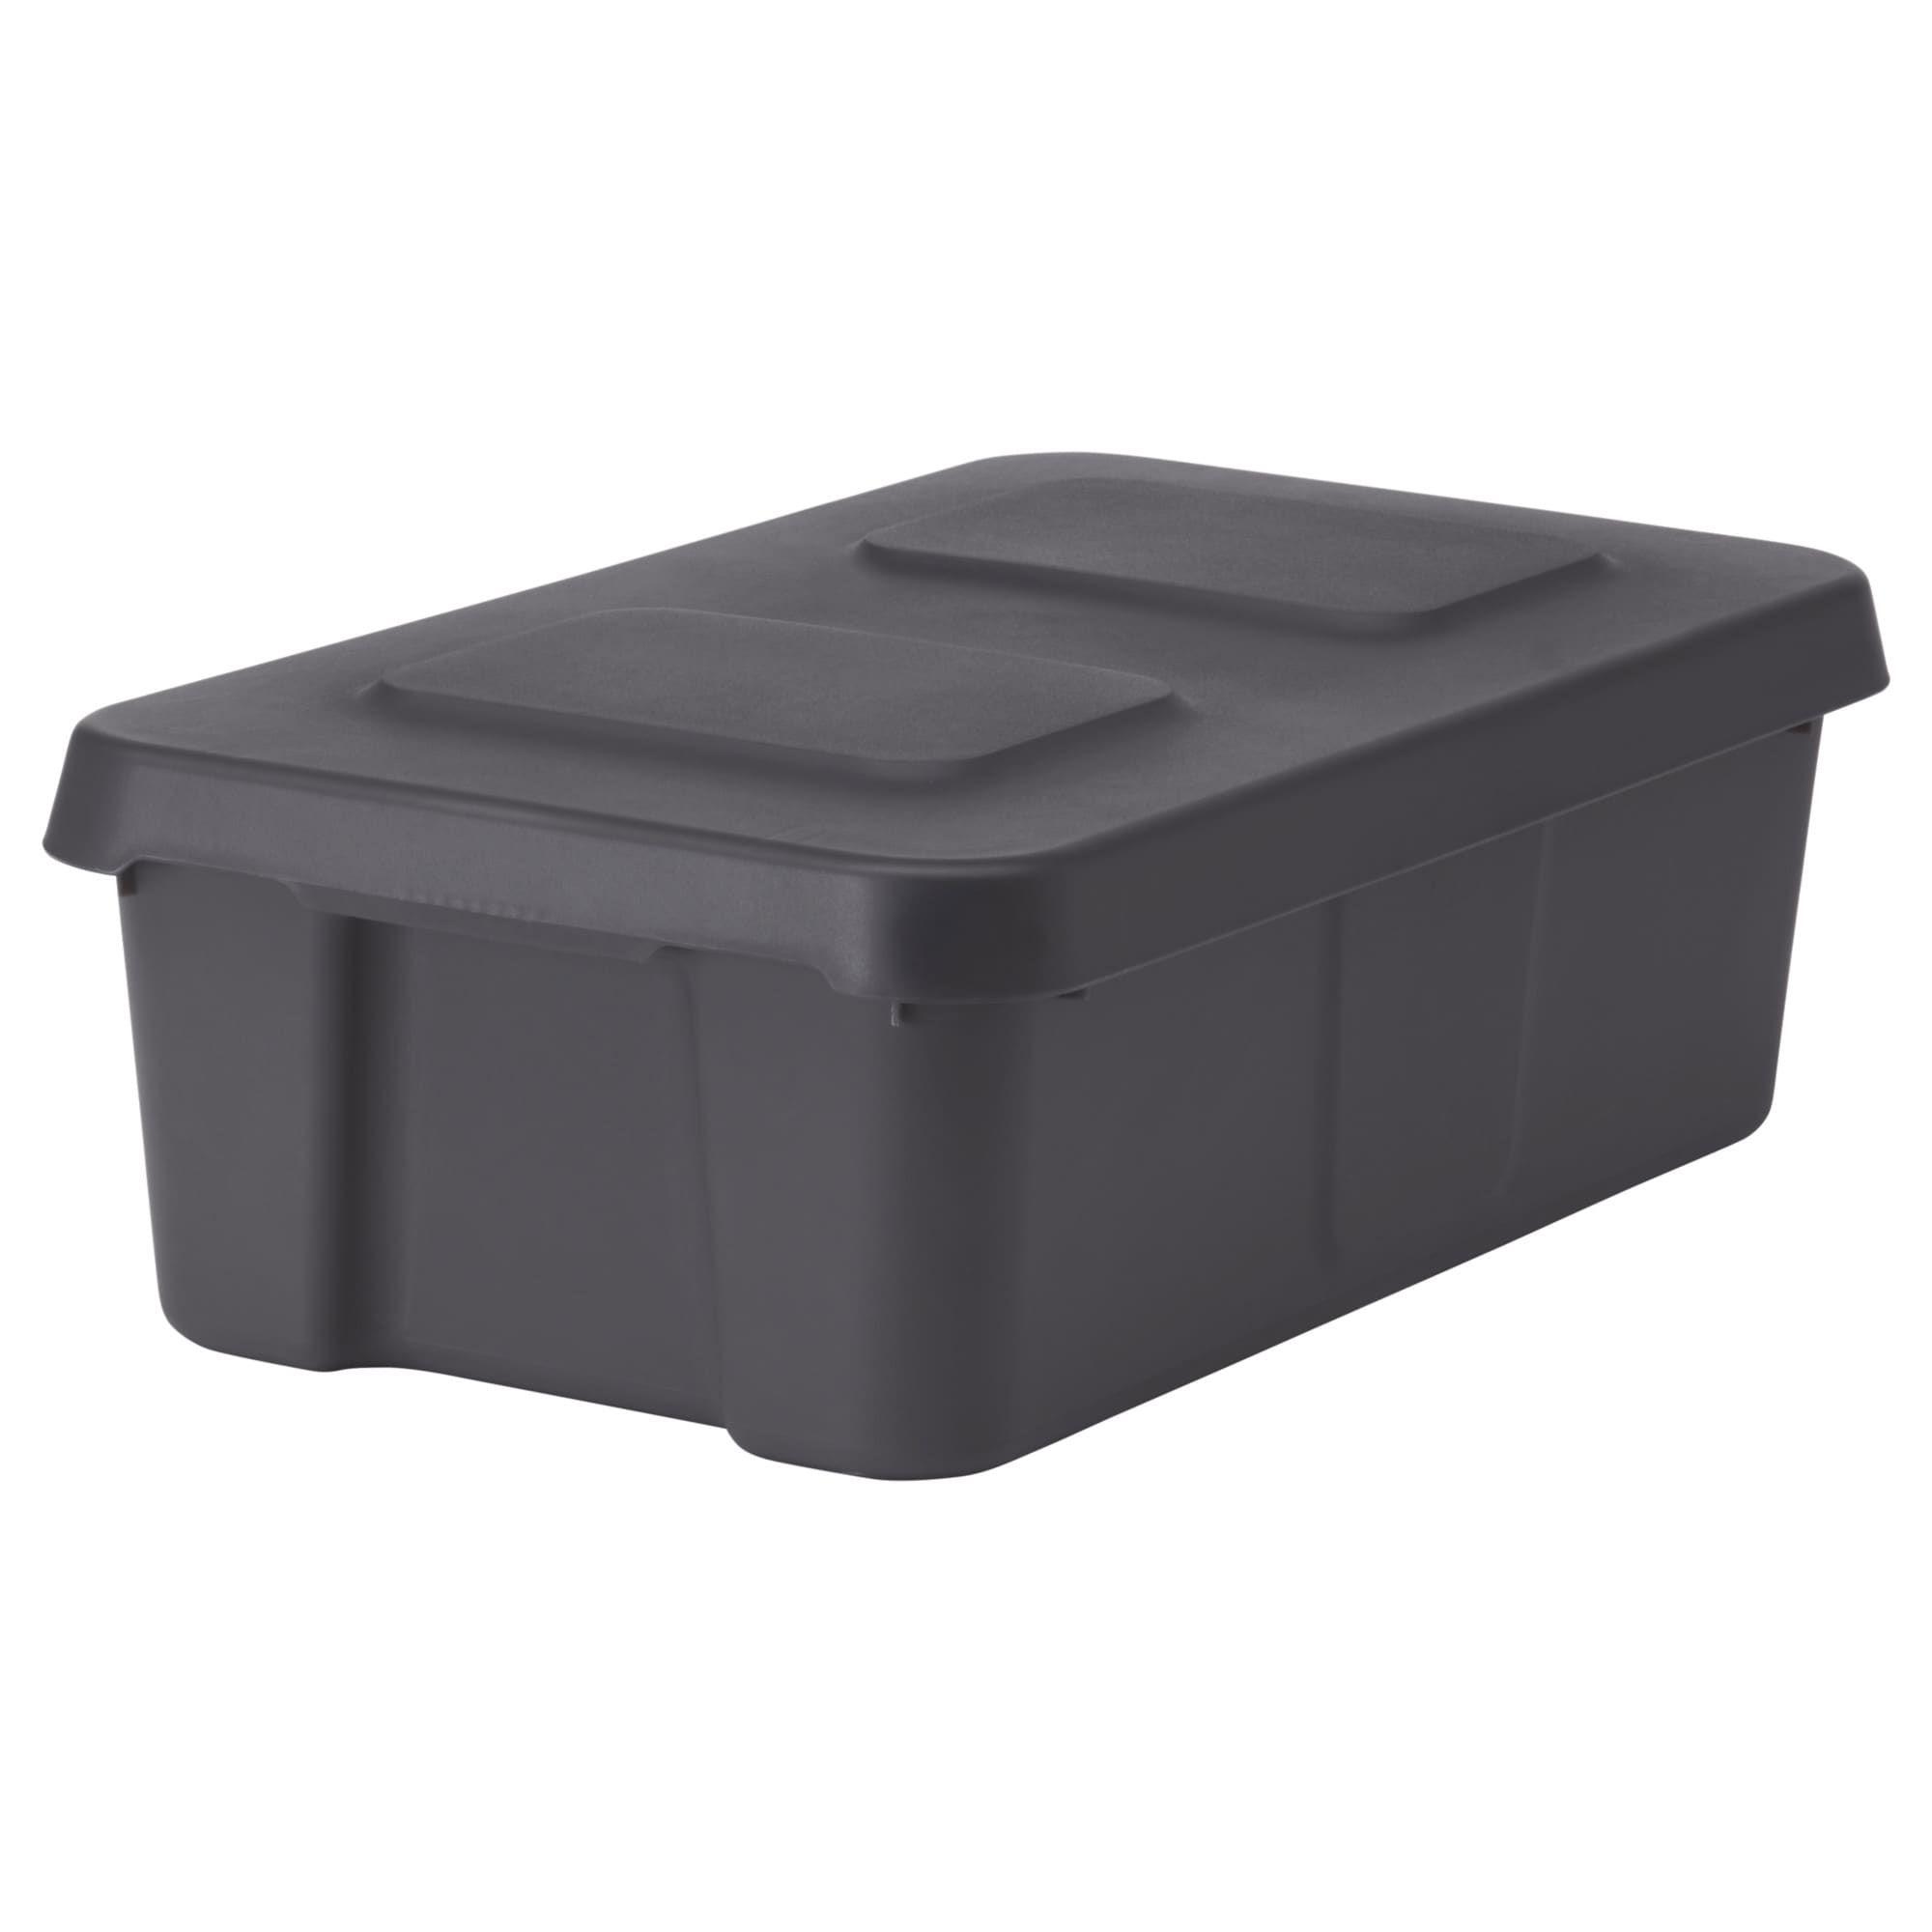 IKEA KLAMTARE Dark Gray Box With Lid, Indoor/outdoor